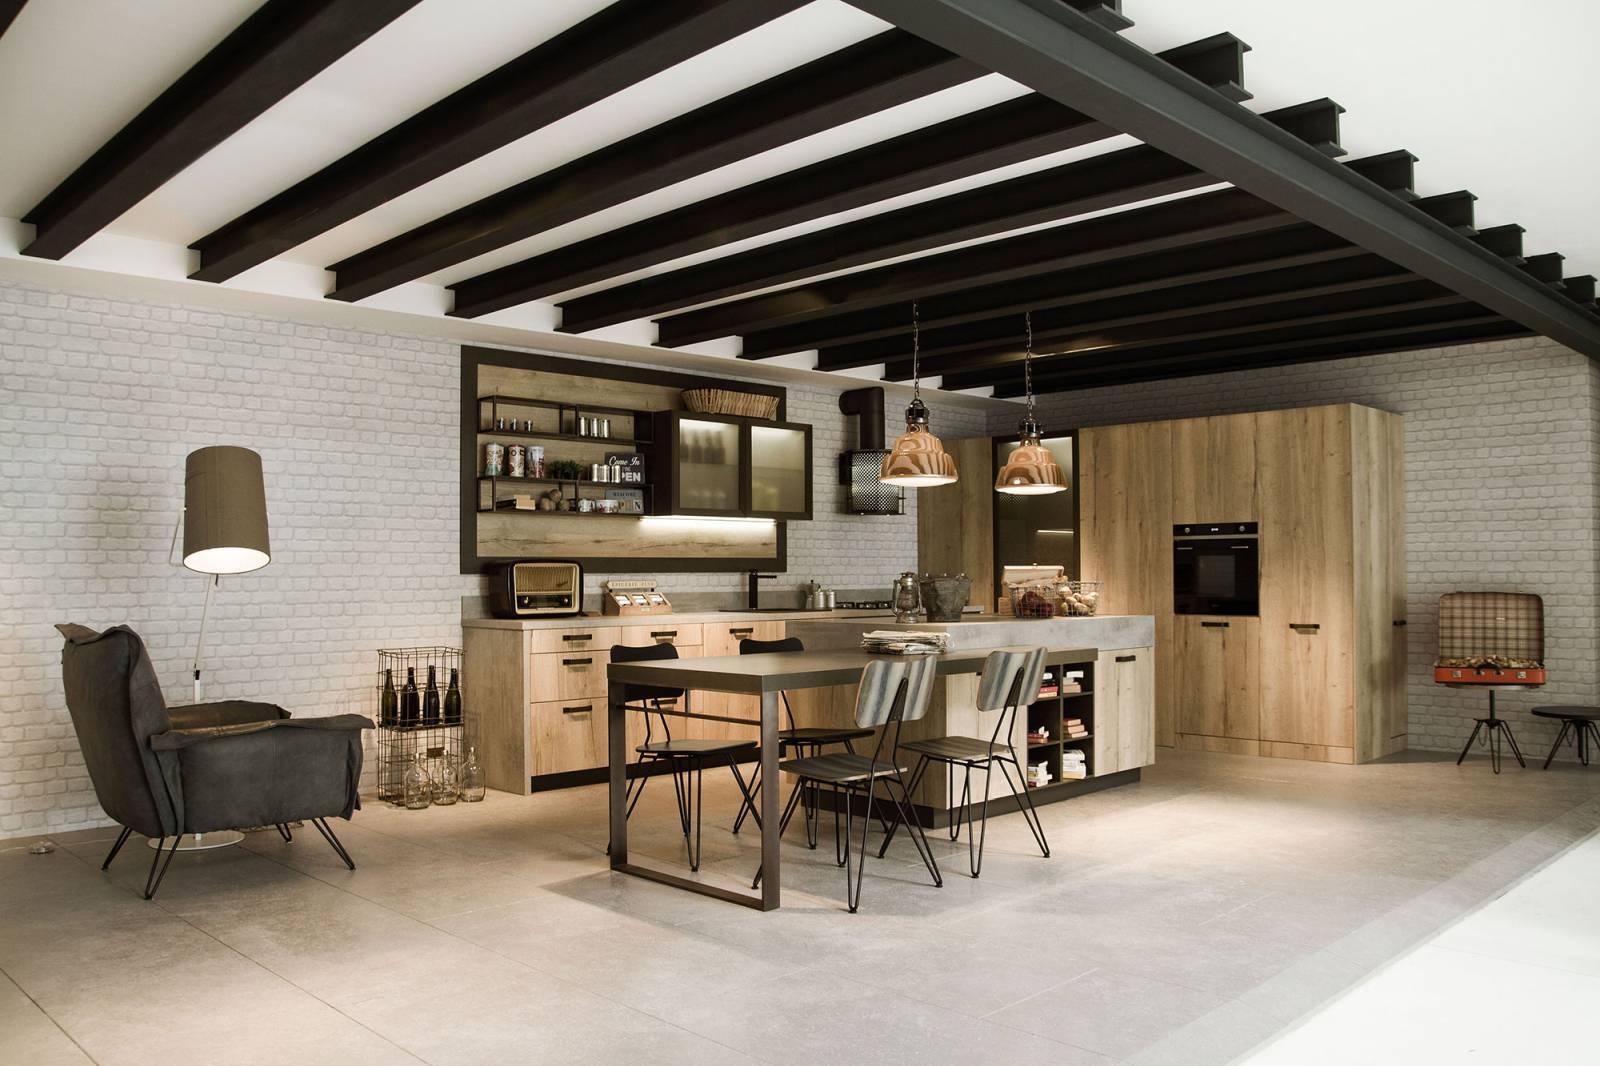 63 Loft Kitchen Design Decor Ideas Industrial Urban And Modern Style